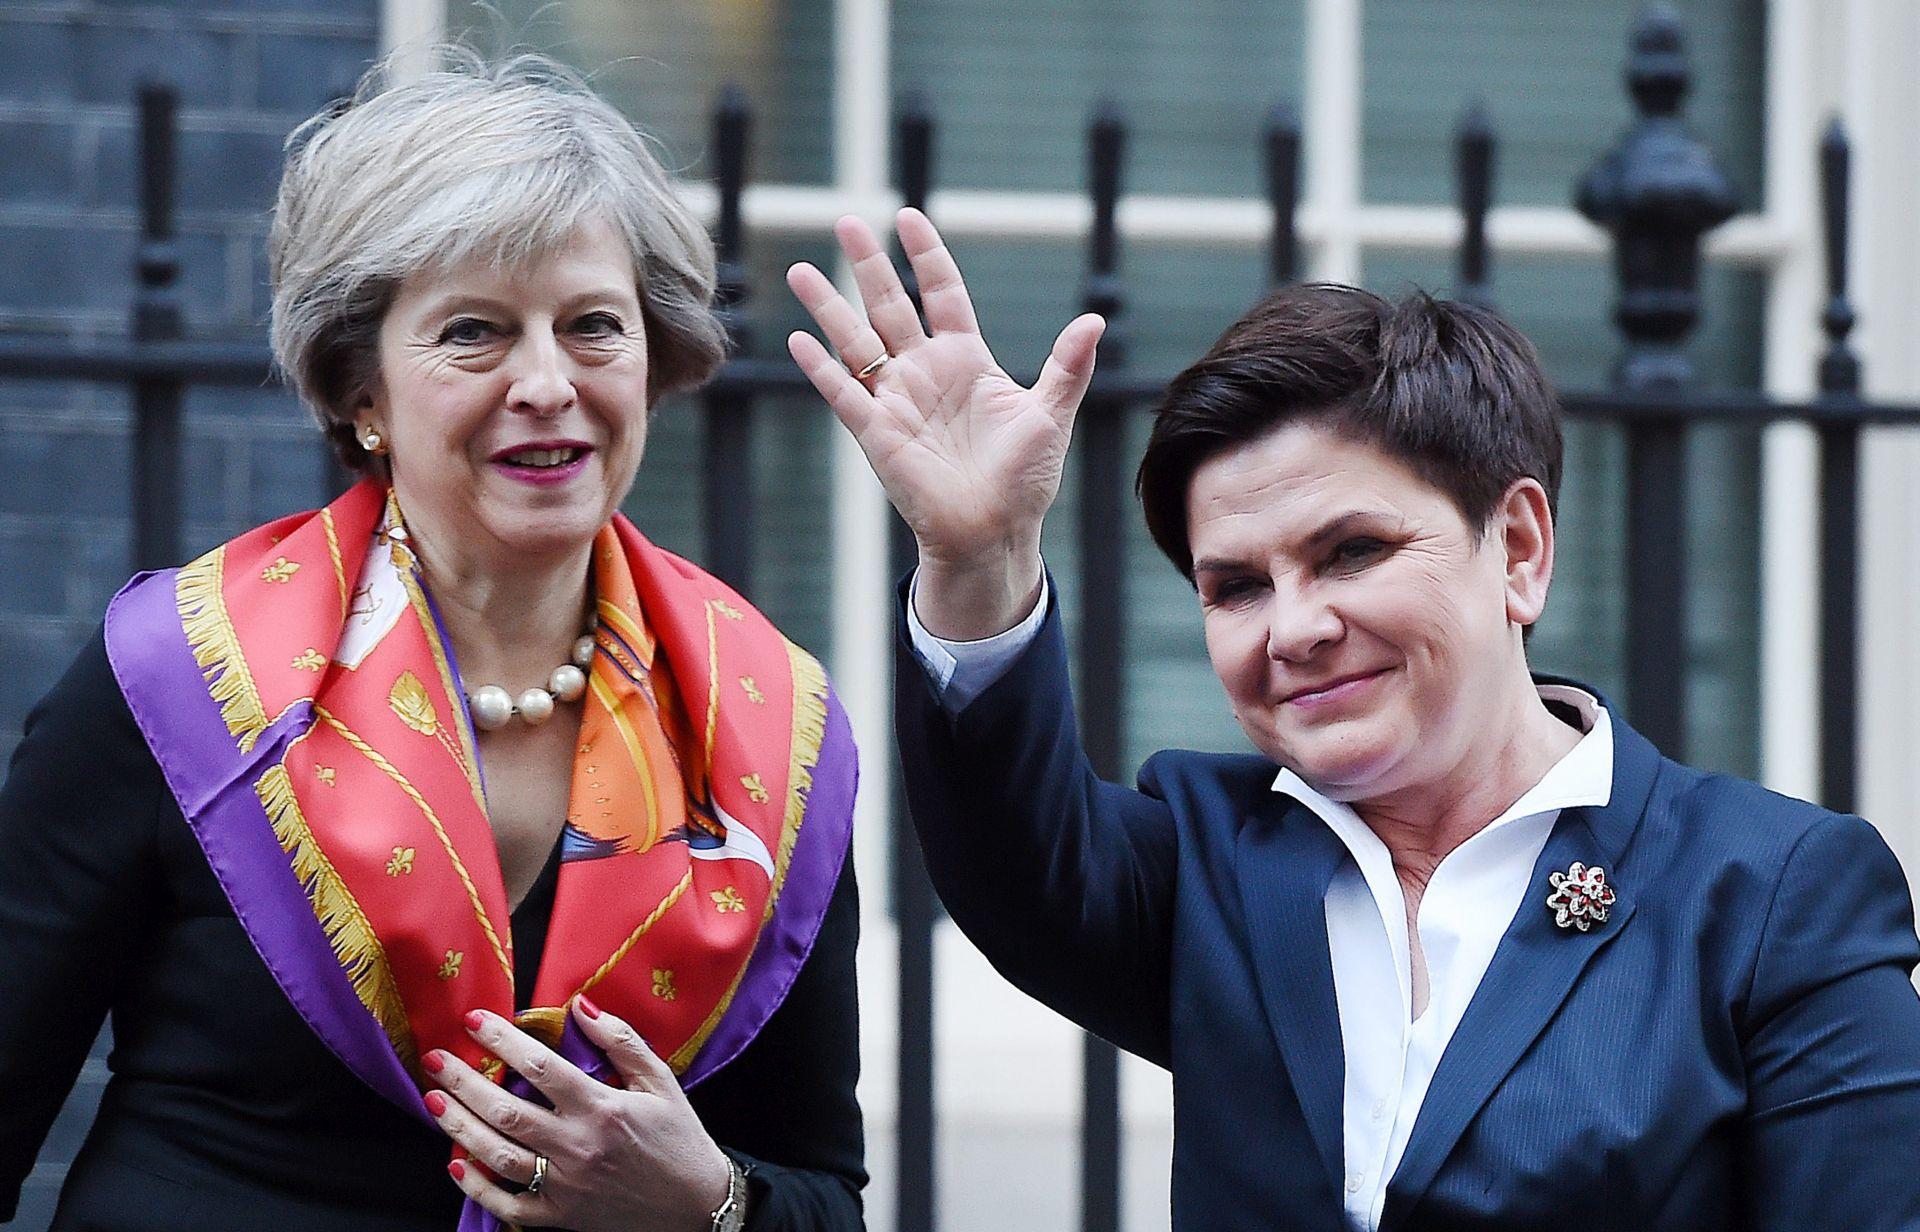 MAY 'Prava Poljaka u Britaniji moraju biti zajamčena, ali i Britanaca u EU-u'